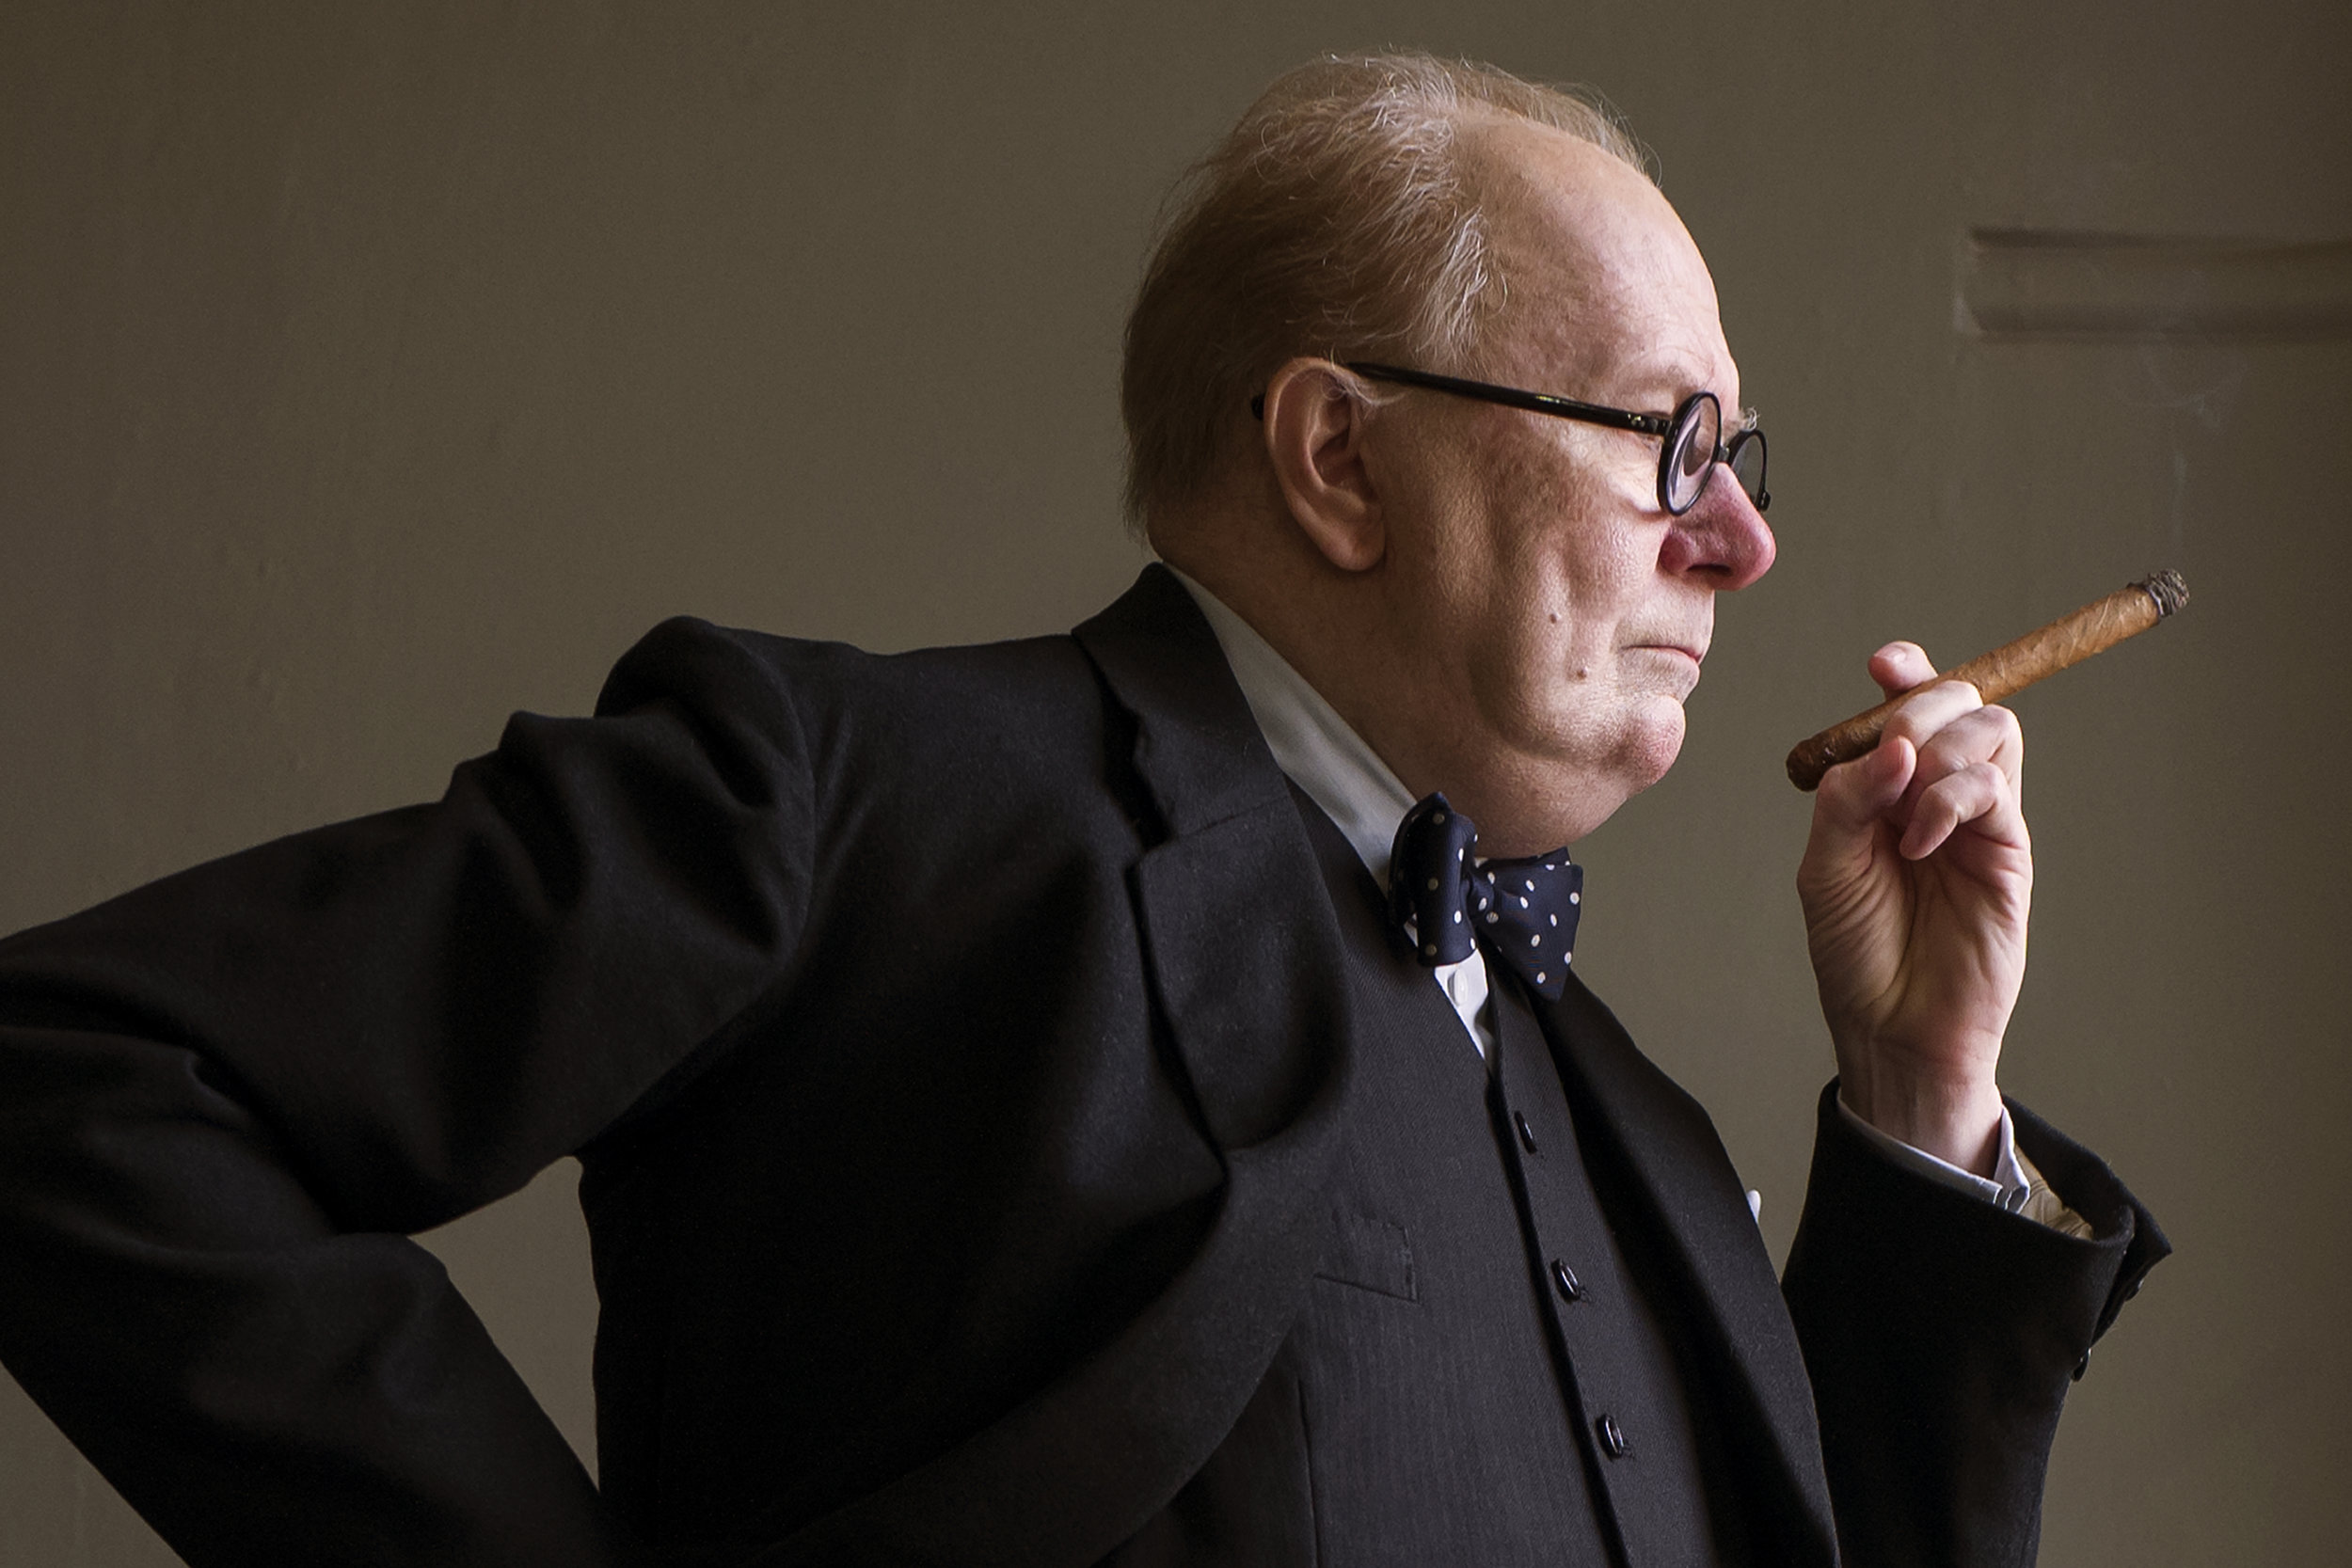 Skuespiller Gary Oldman gjenskaper Churchill som en temperamentsfull herre med sære vaner og egne meninger.